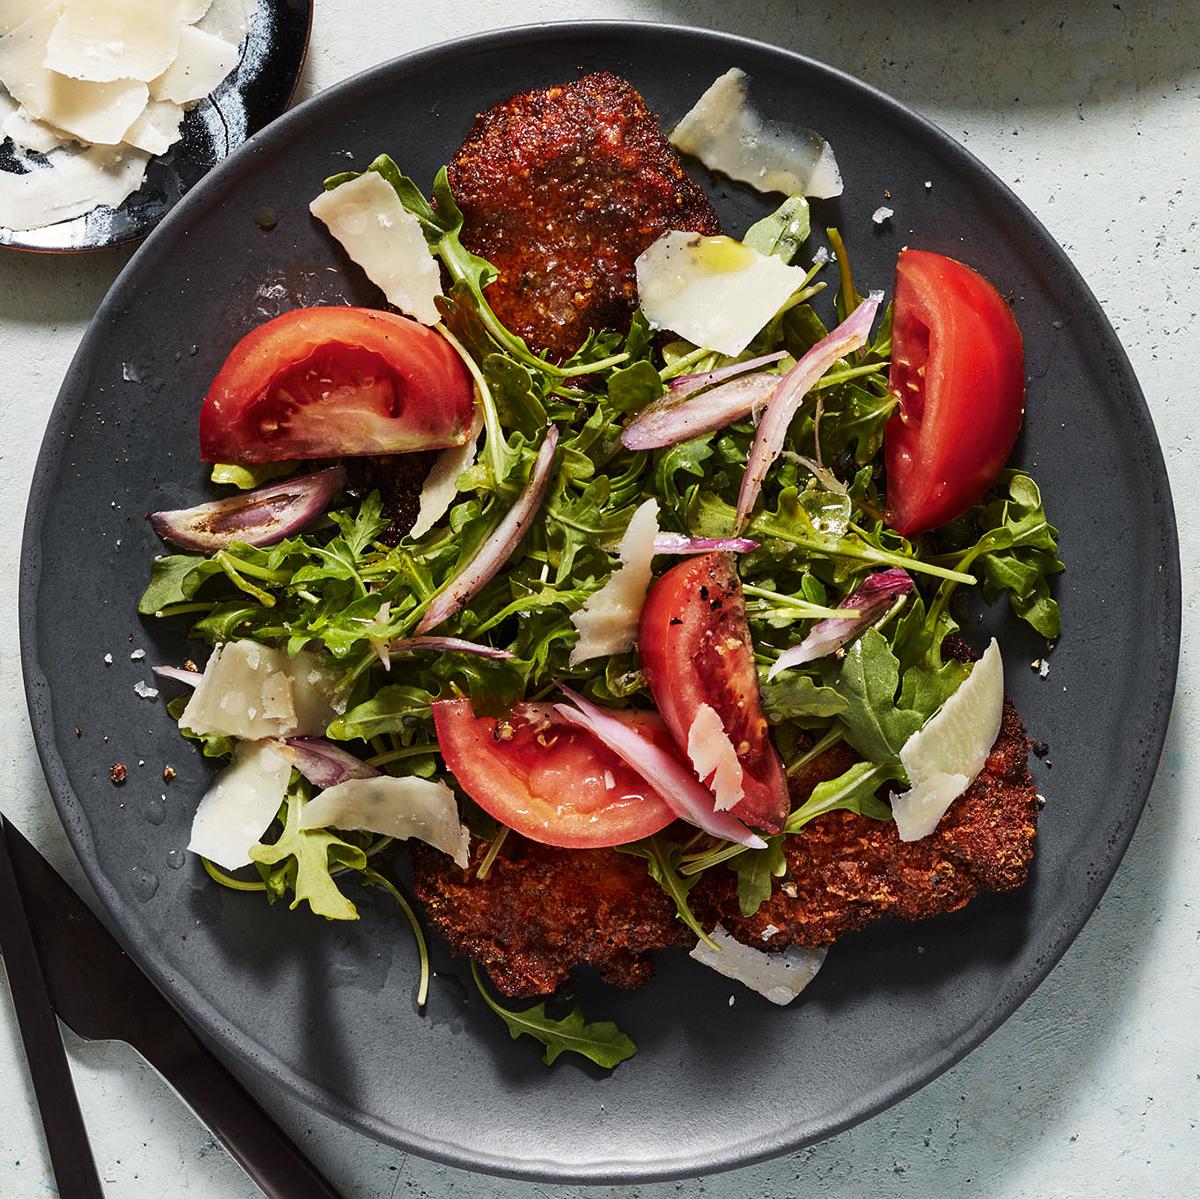 steak tomatoes arugula parmesan on black plate